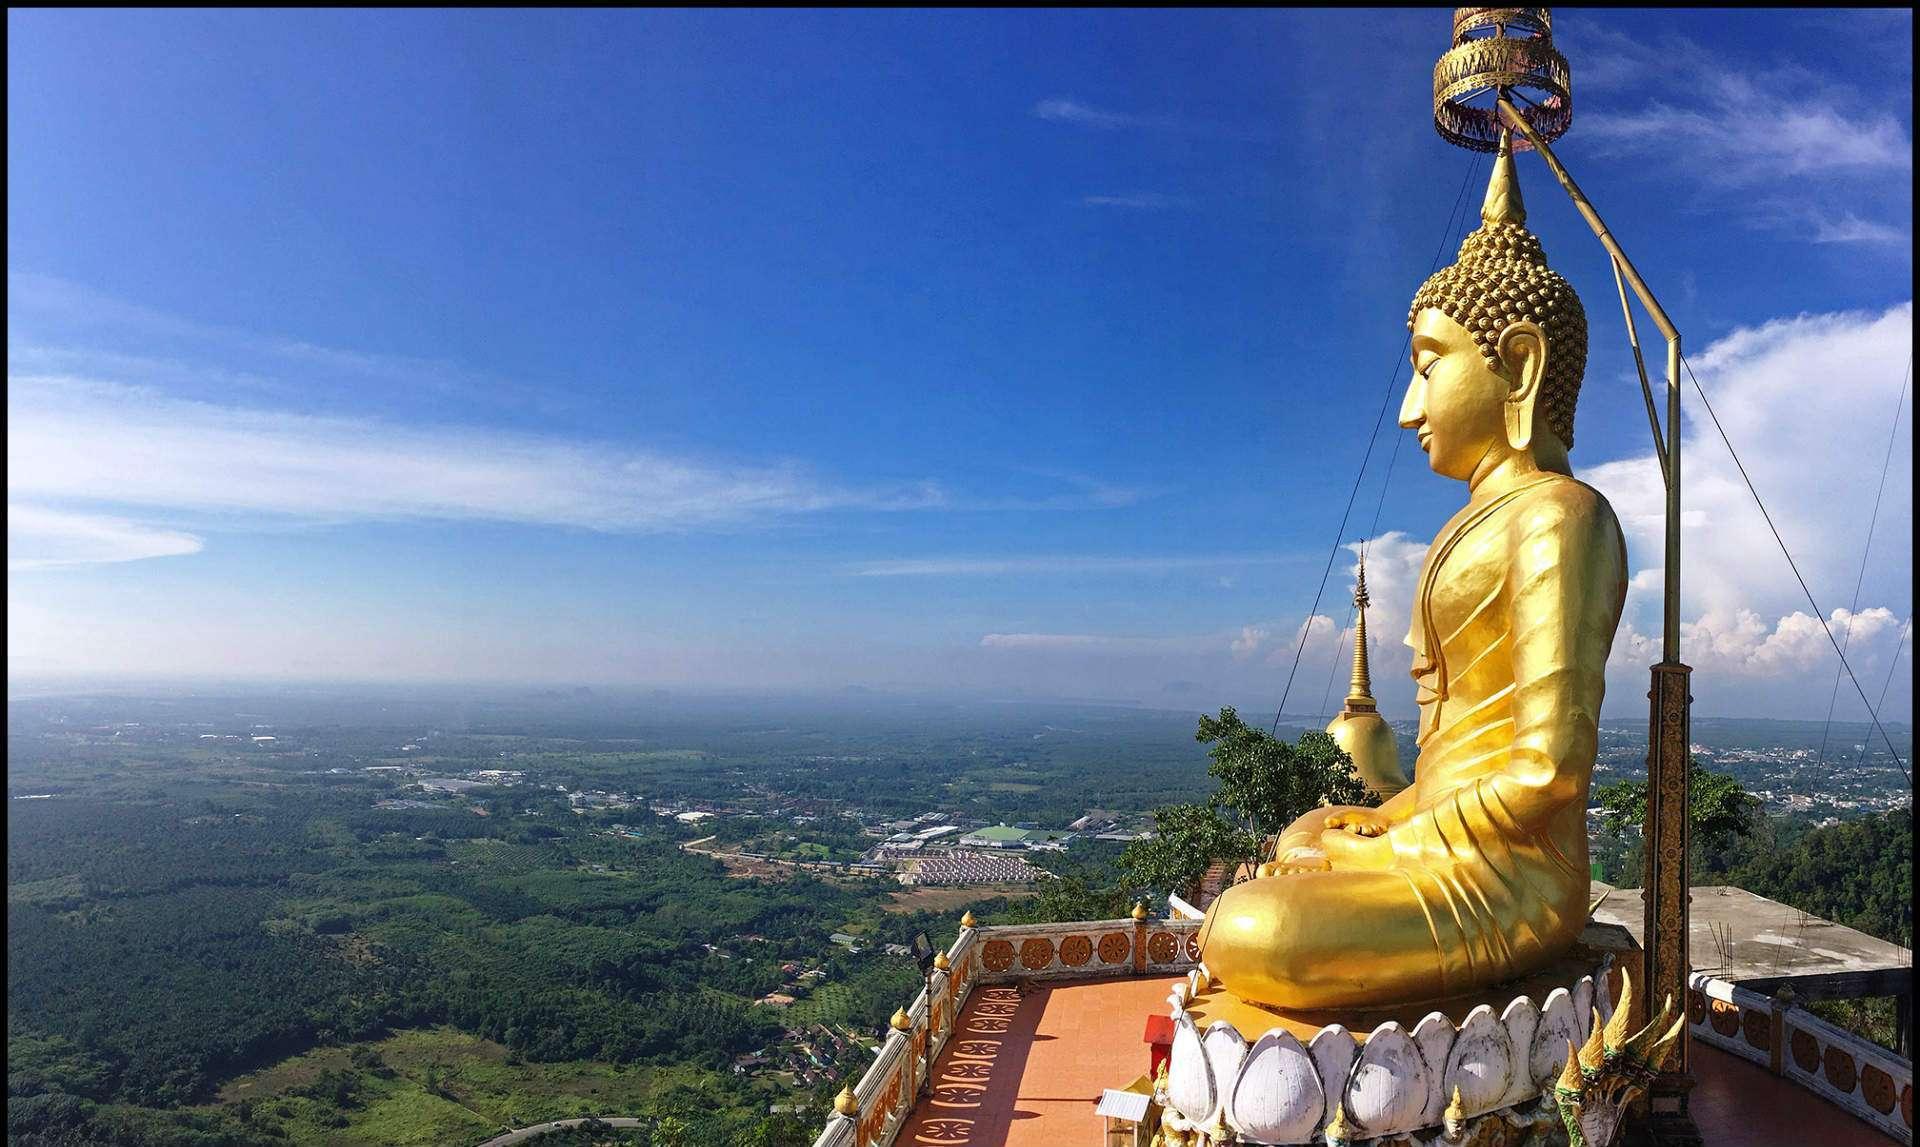 Tiger Cave Tempel, grote Gouden Boeddha boven op het tempel complex, met uitzicht over Krabi.